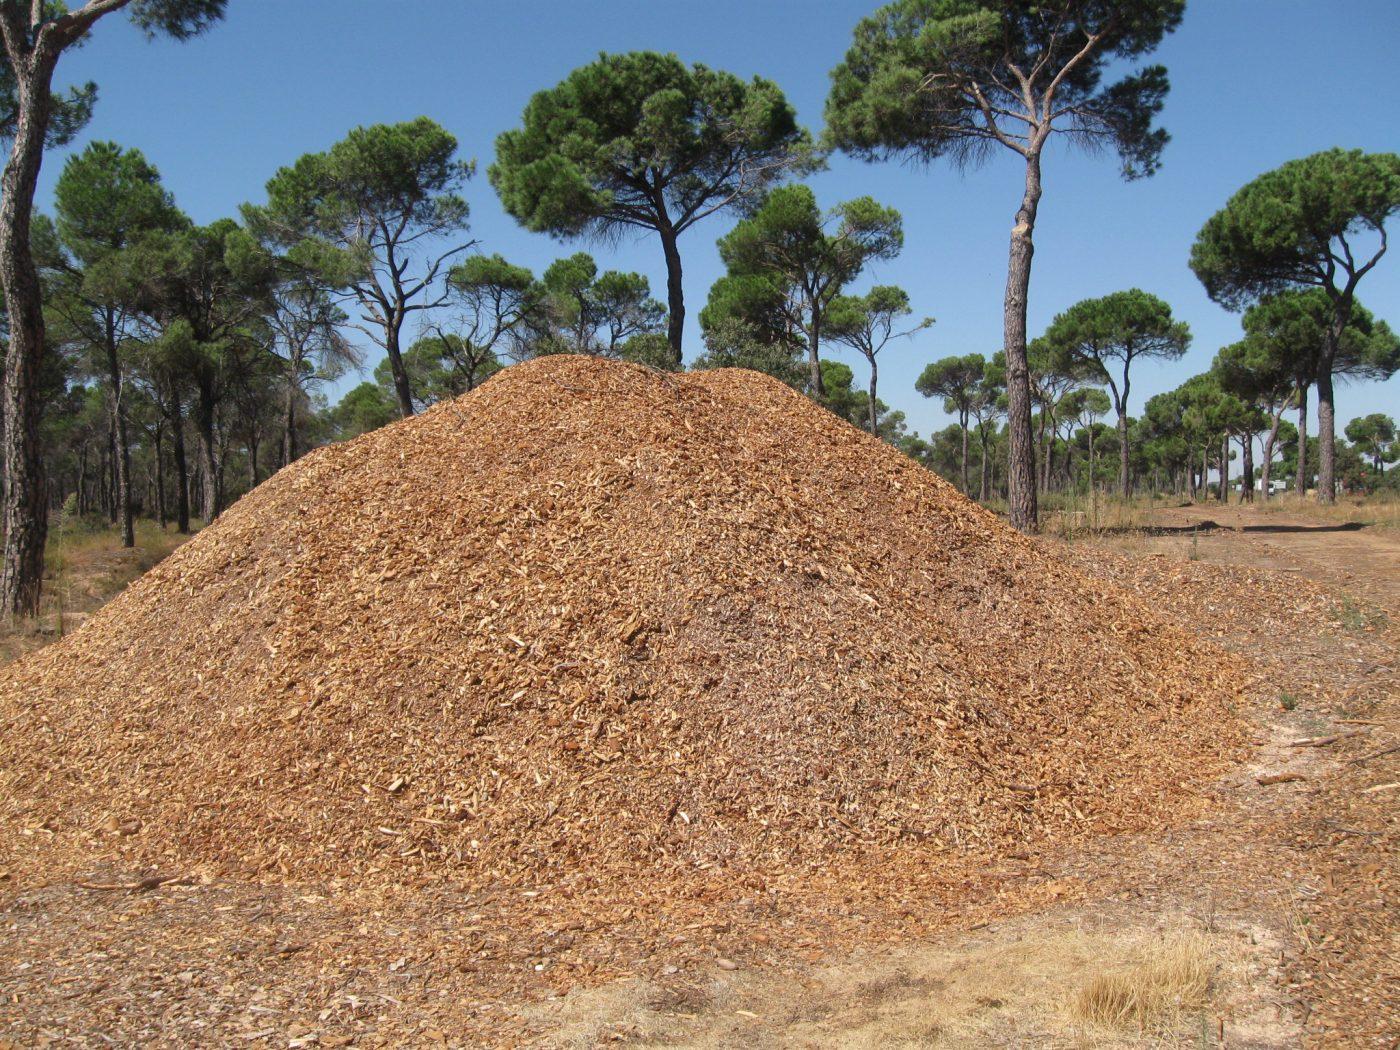 El Gobierno de Castilla-la Mancha apuesta por la sustitución de calderas de energía fósil por biomasa forestal para reducir la emisión de CO2 a la atmósfera